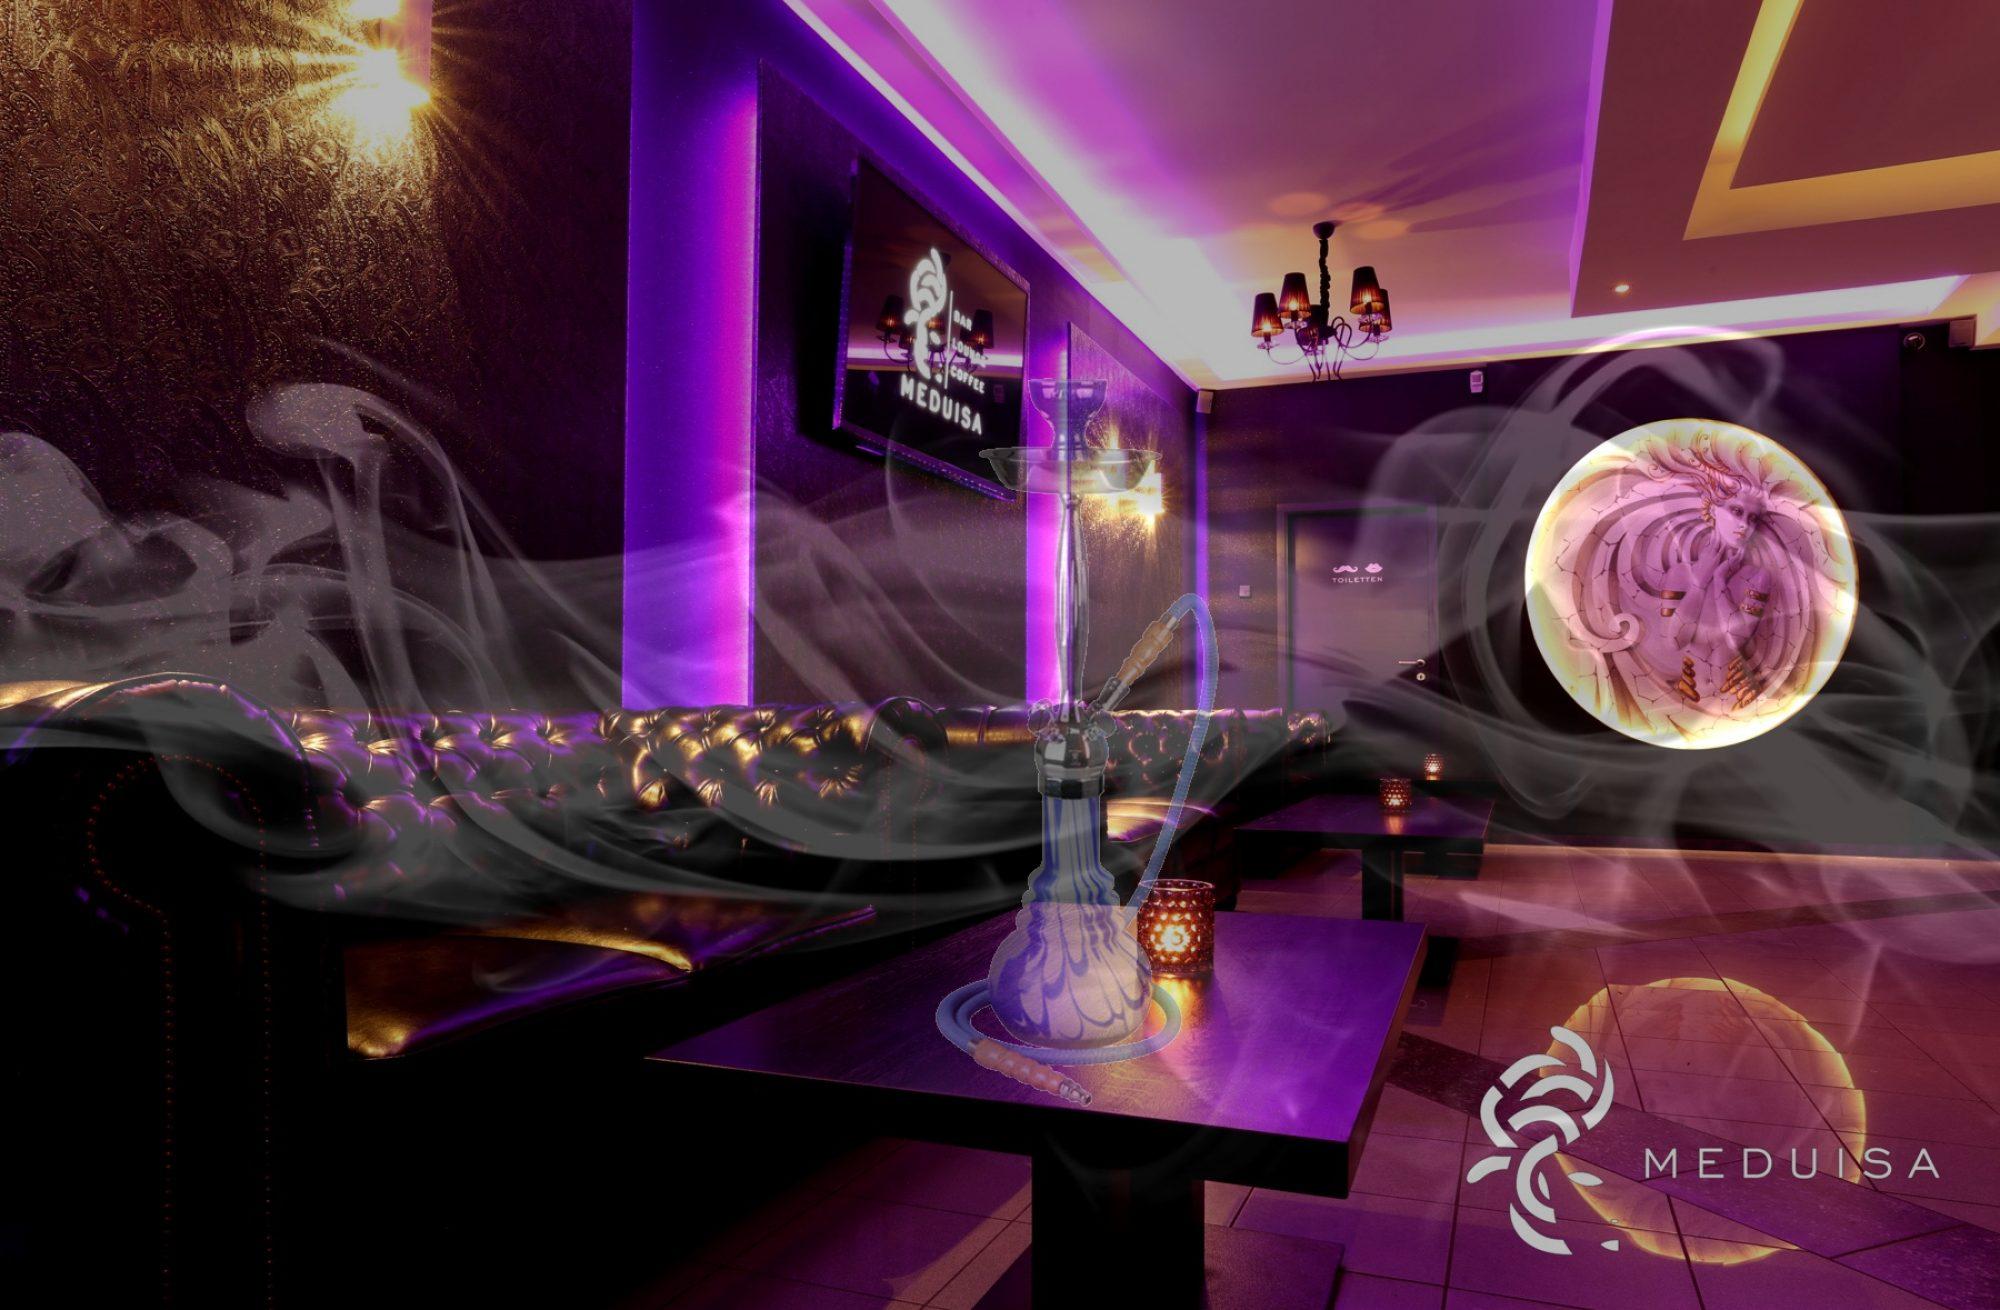 meduisa shisha lounge langstr 39 41 in 63075 offenbach am main. Black Bedroom Furniture Sets. Home Design Ideas